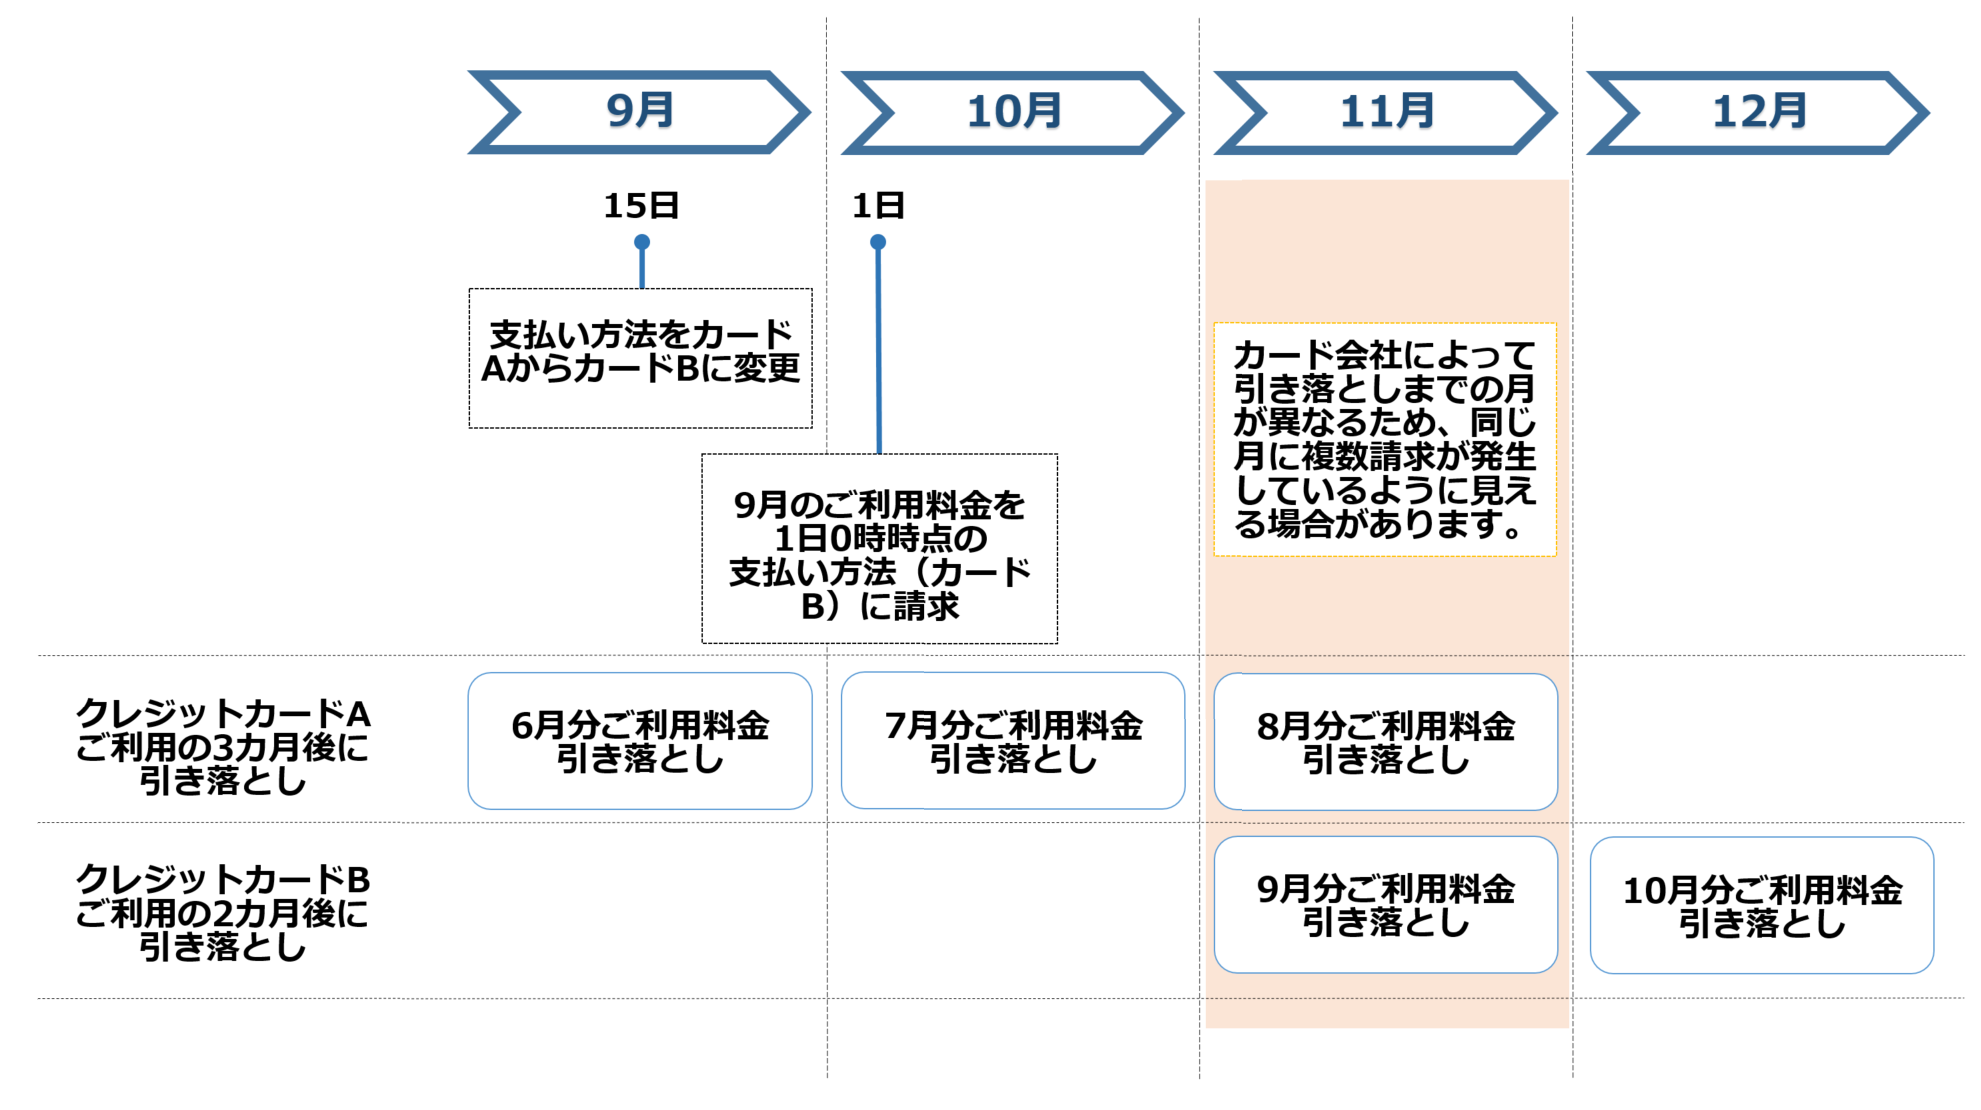 円 ヤフー ジャパン 508